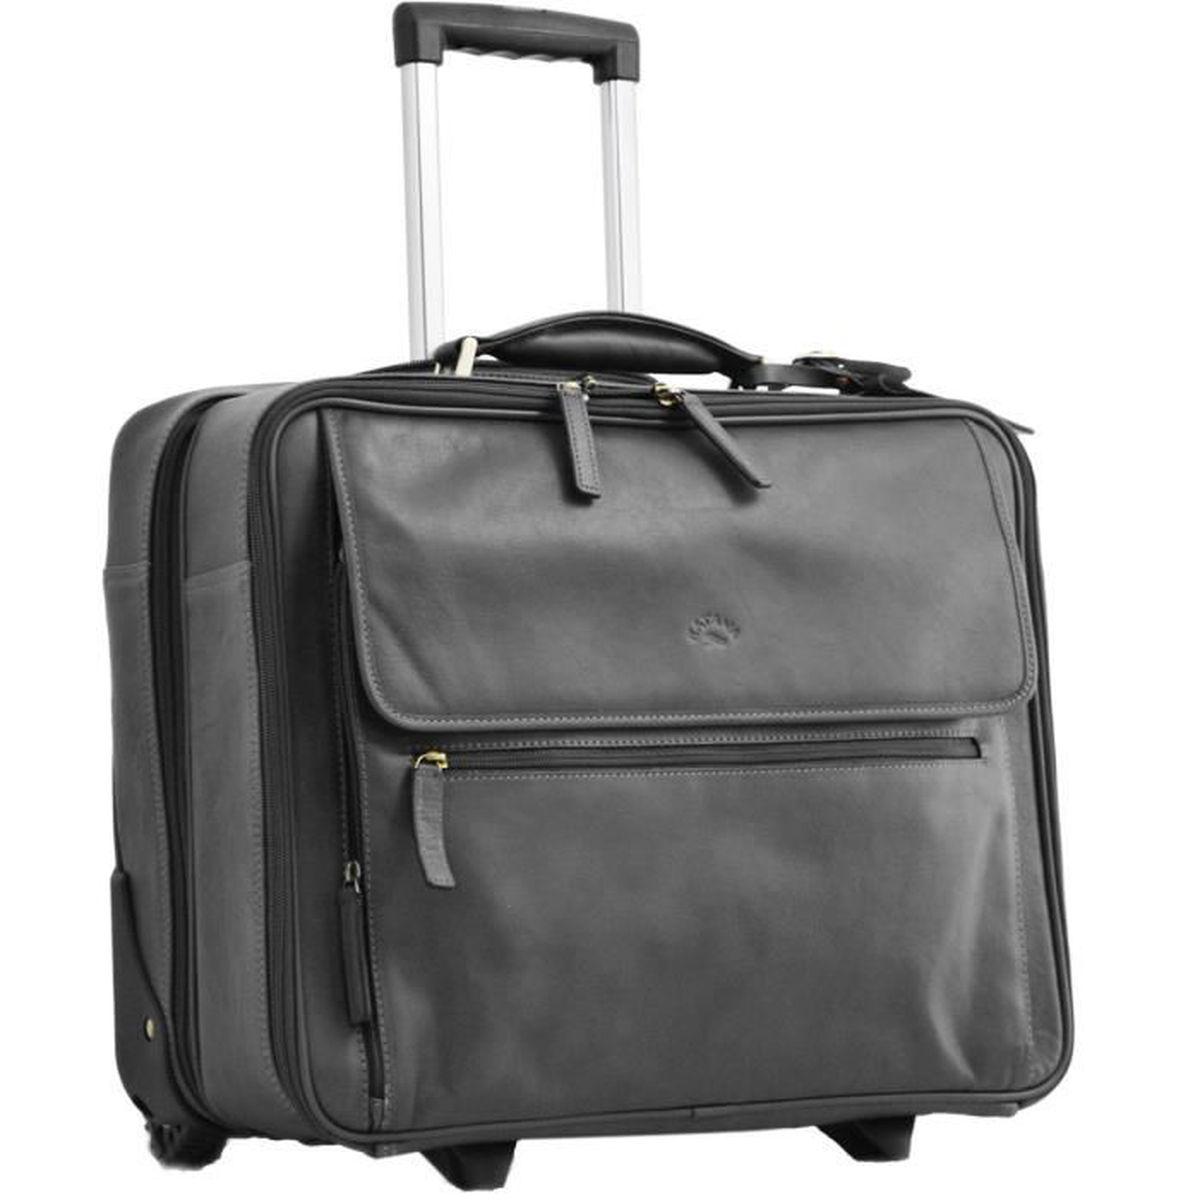 Il Bagage 2 roue Business Cabin CASE BUSINESS Cabin CASE fonctionnelle est noir